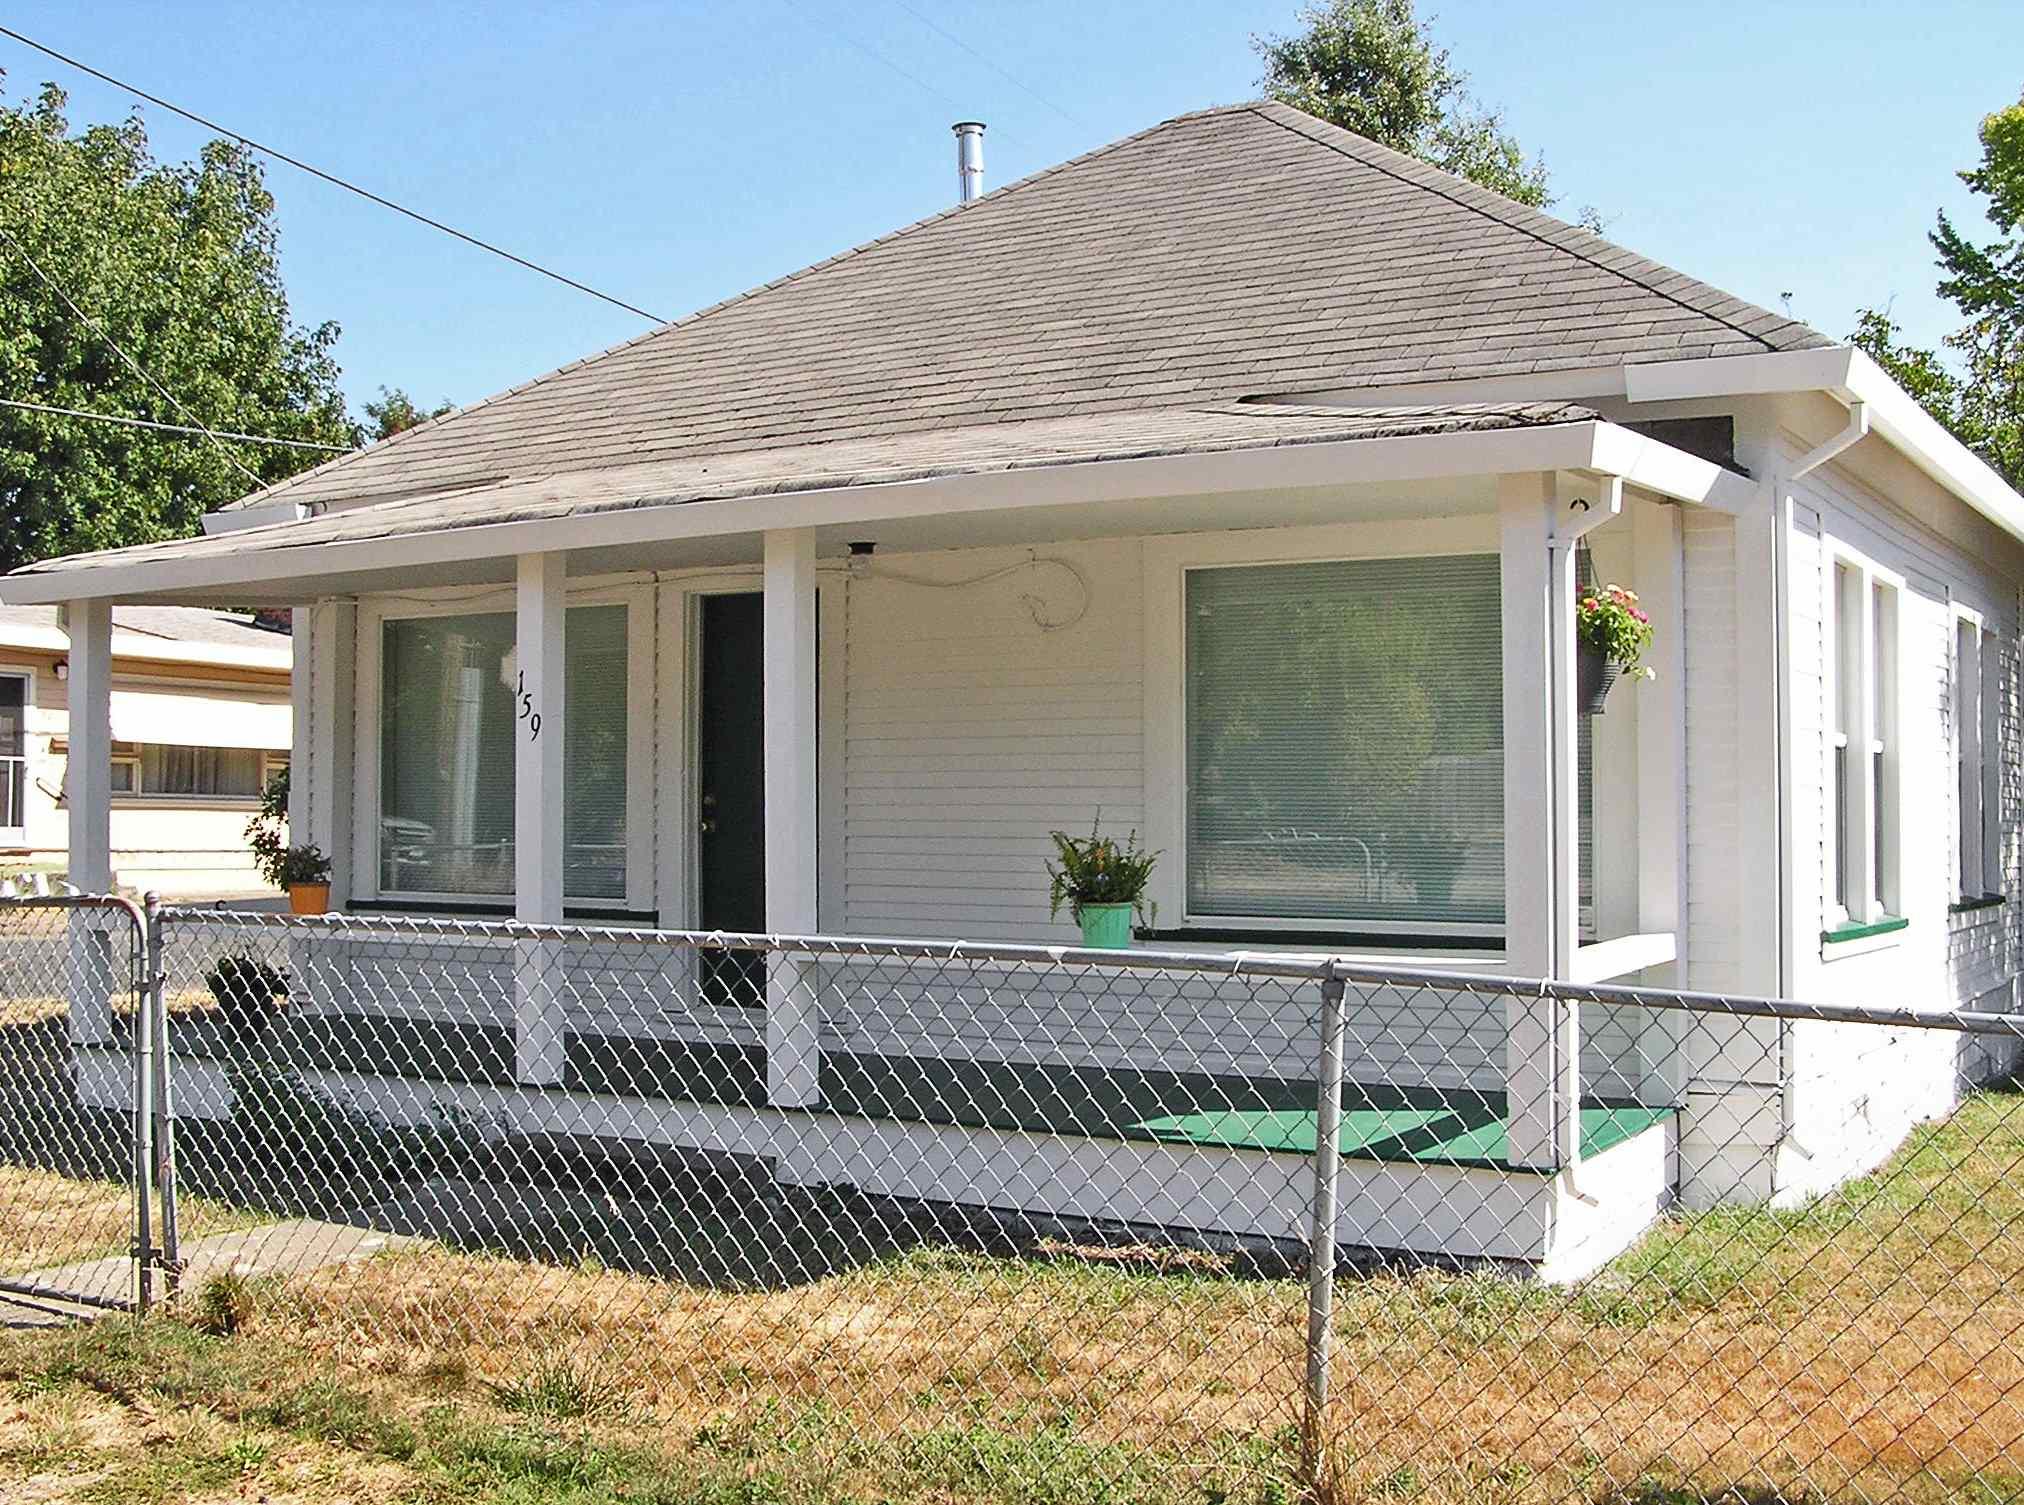 Photo of 159 Pine St  Willits  CA